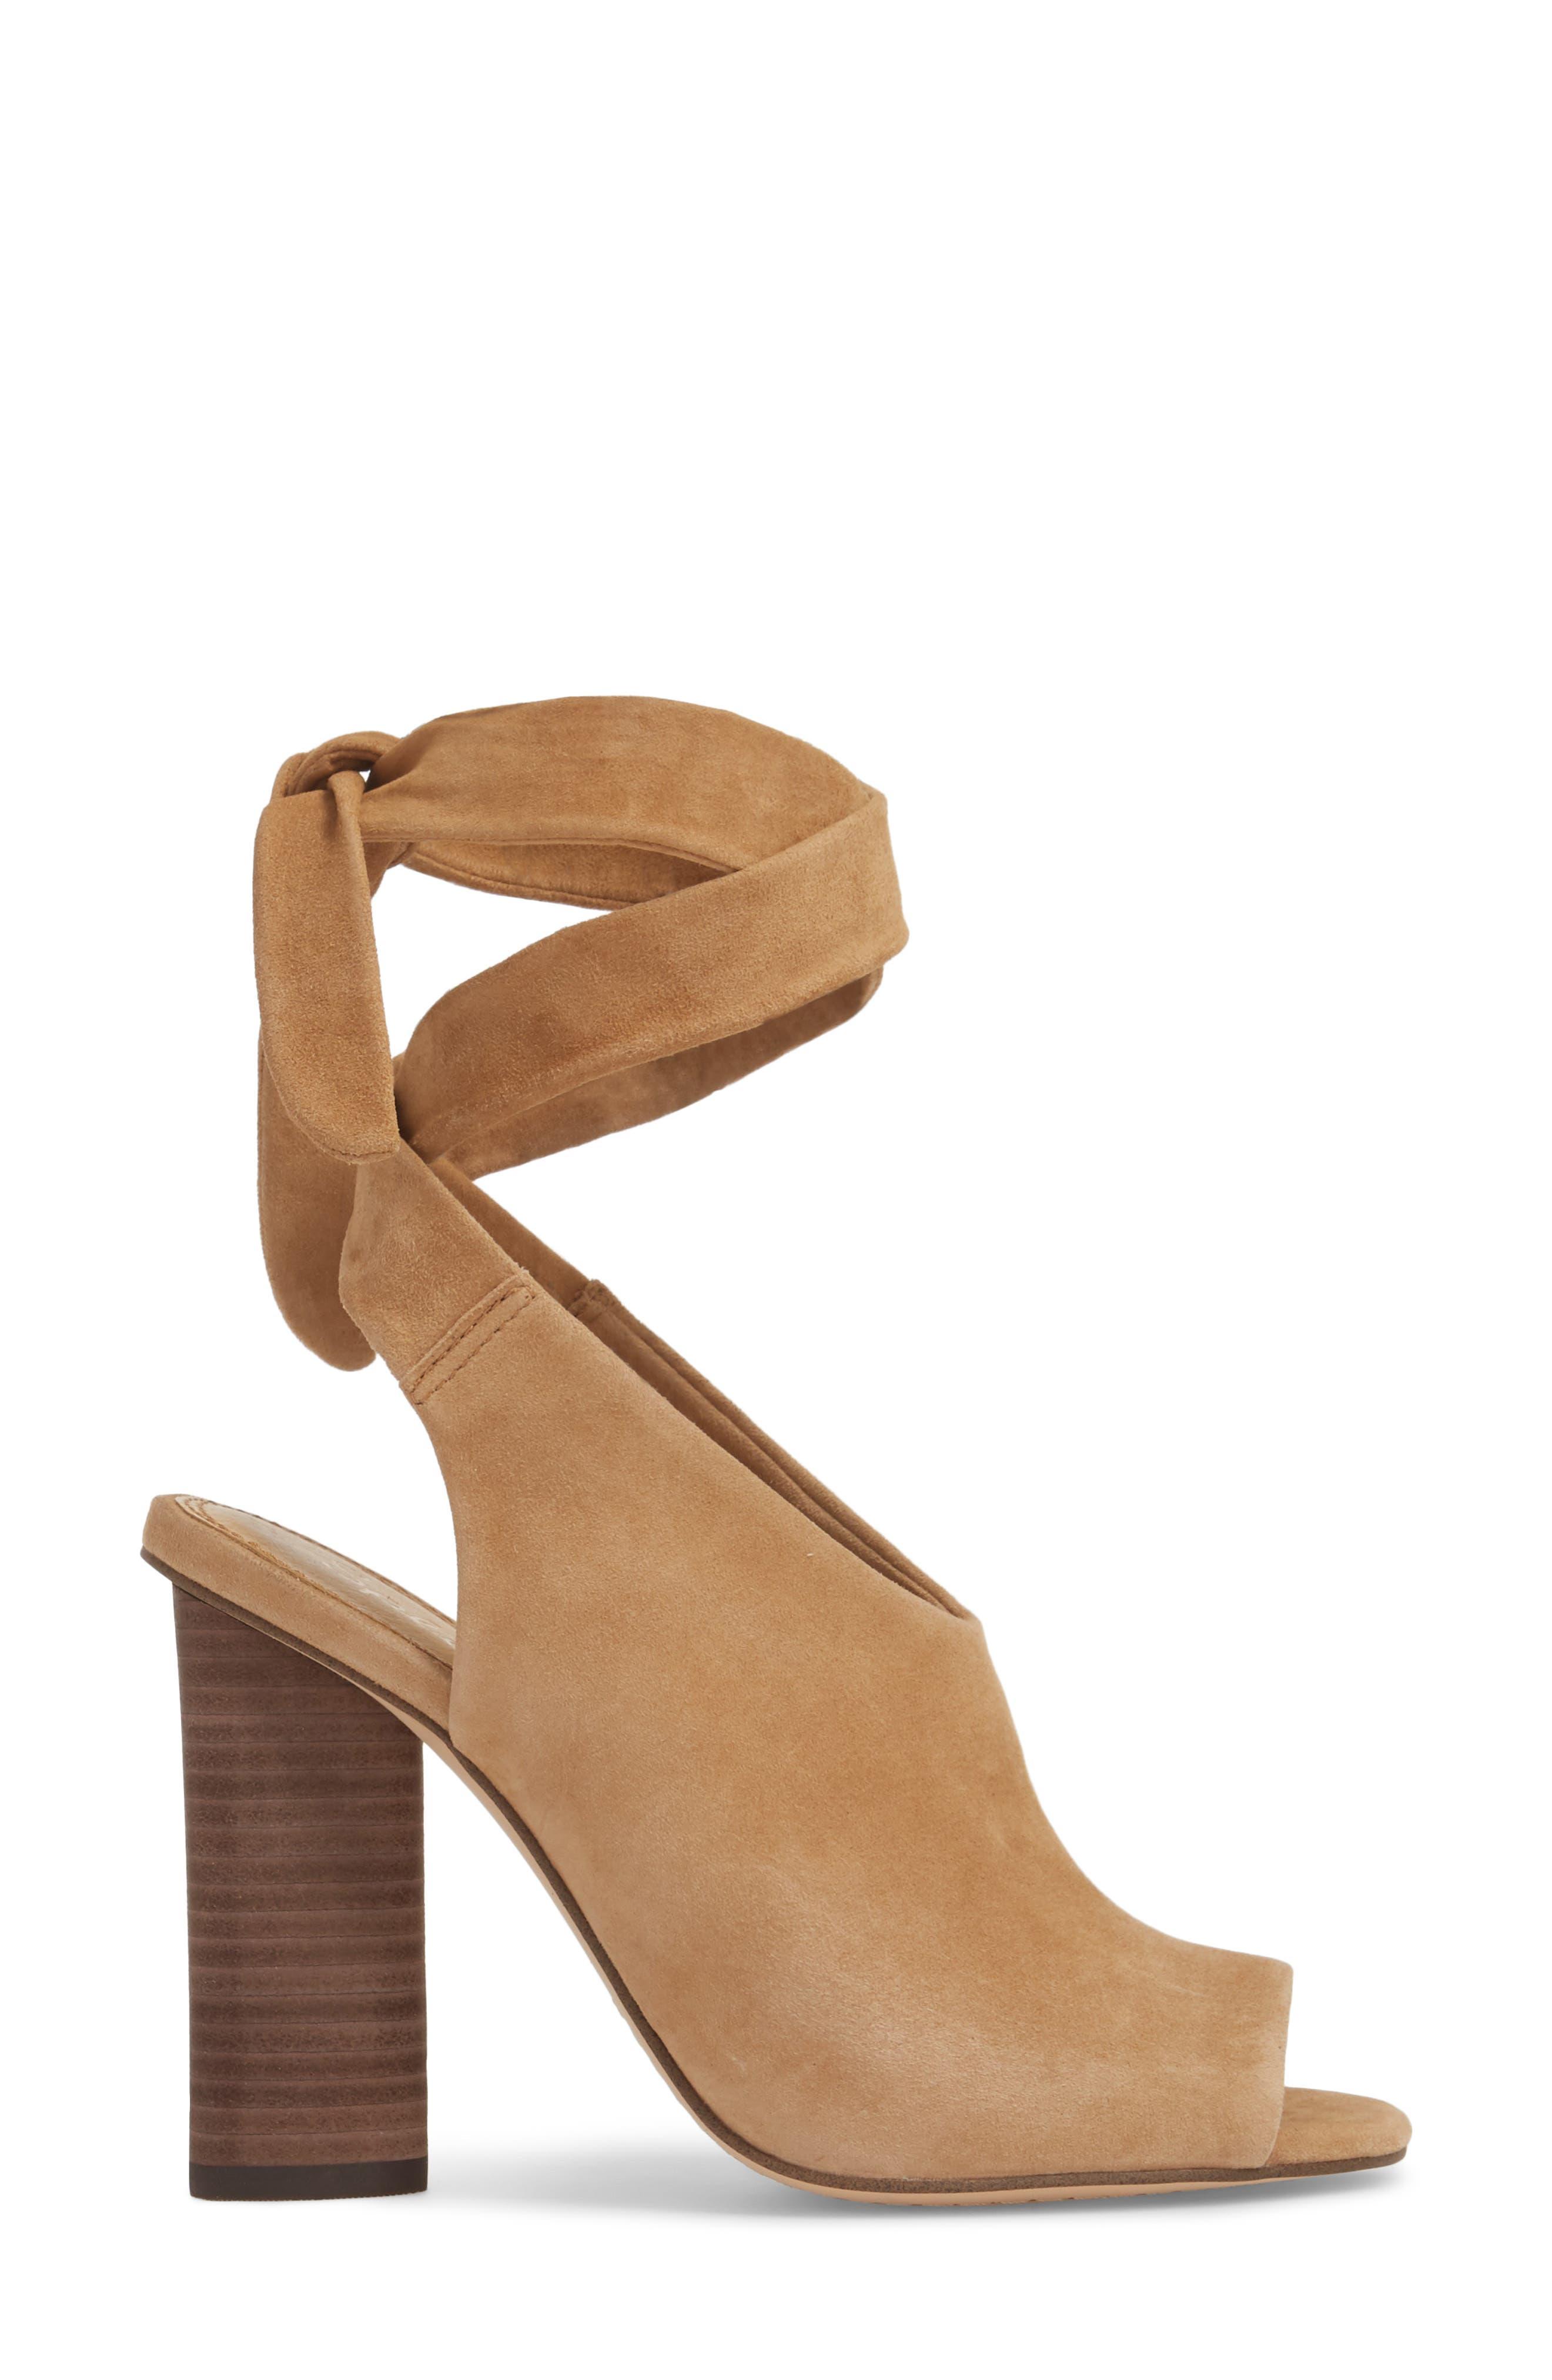 Navarro Ankle Wrap Sandal,                             Alternate thumbnail 3, color,                             LIGHT OAK SUEDE